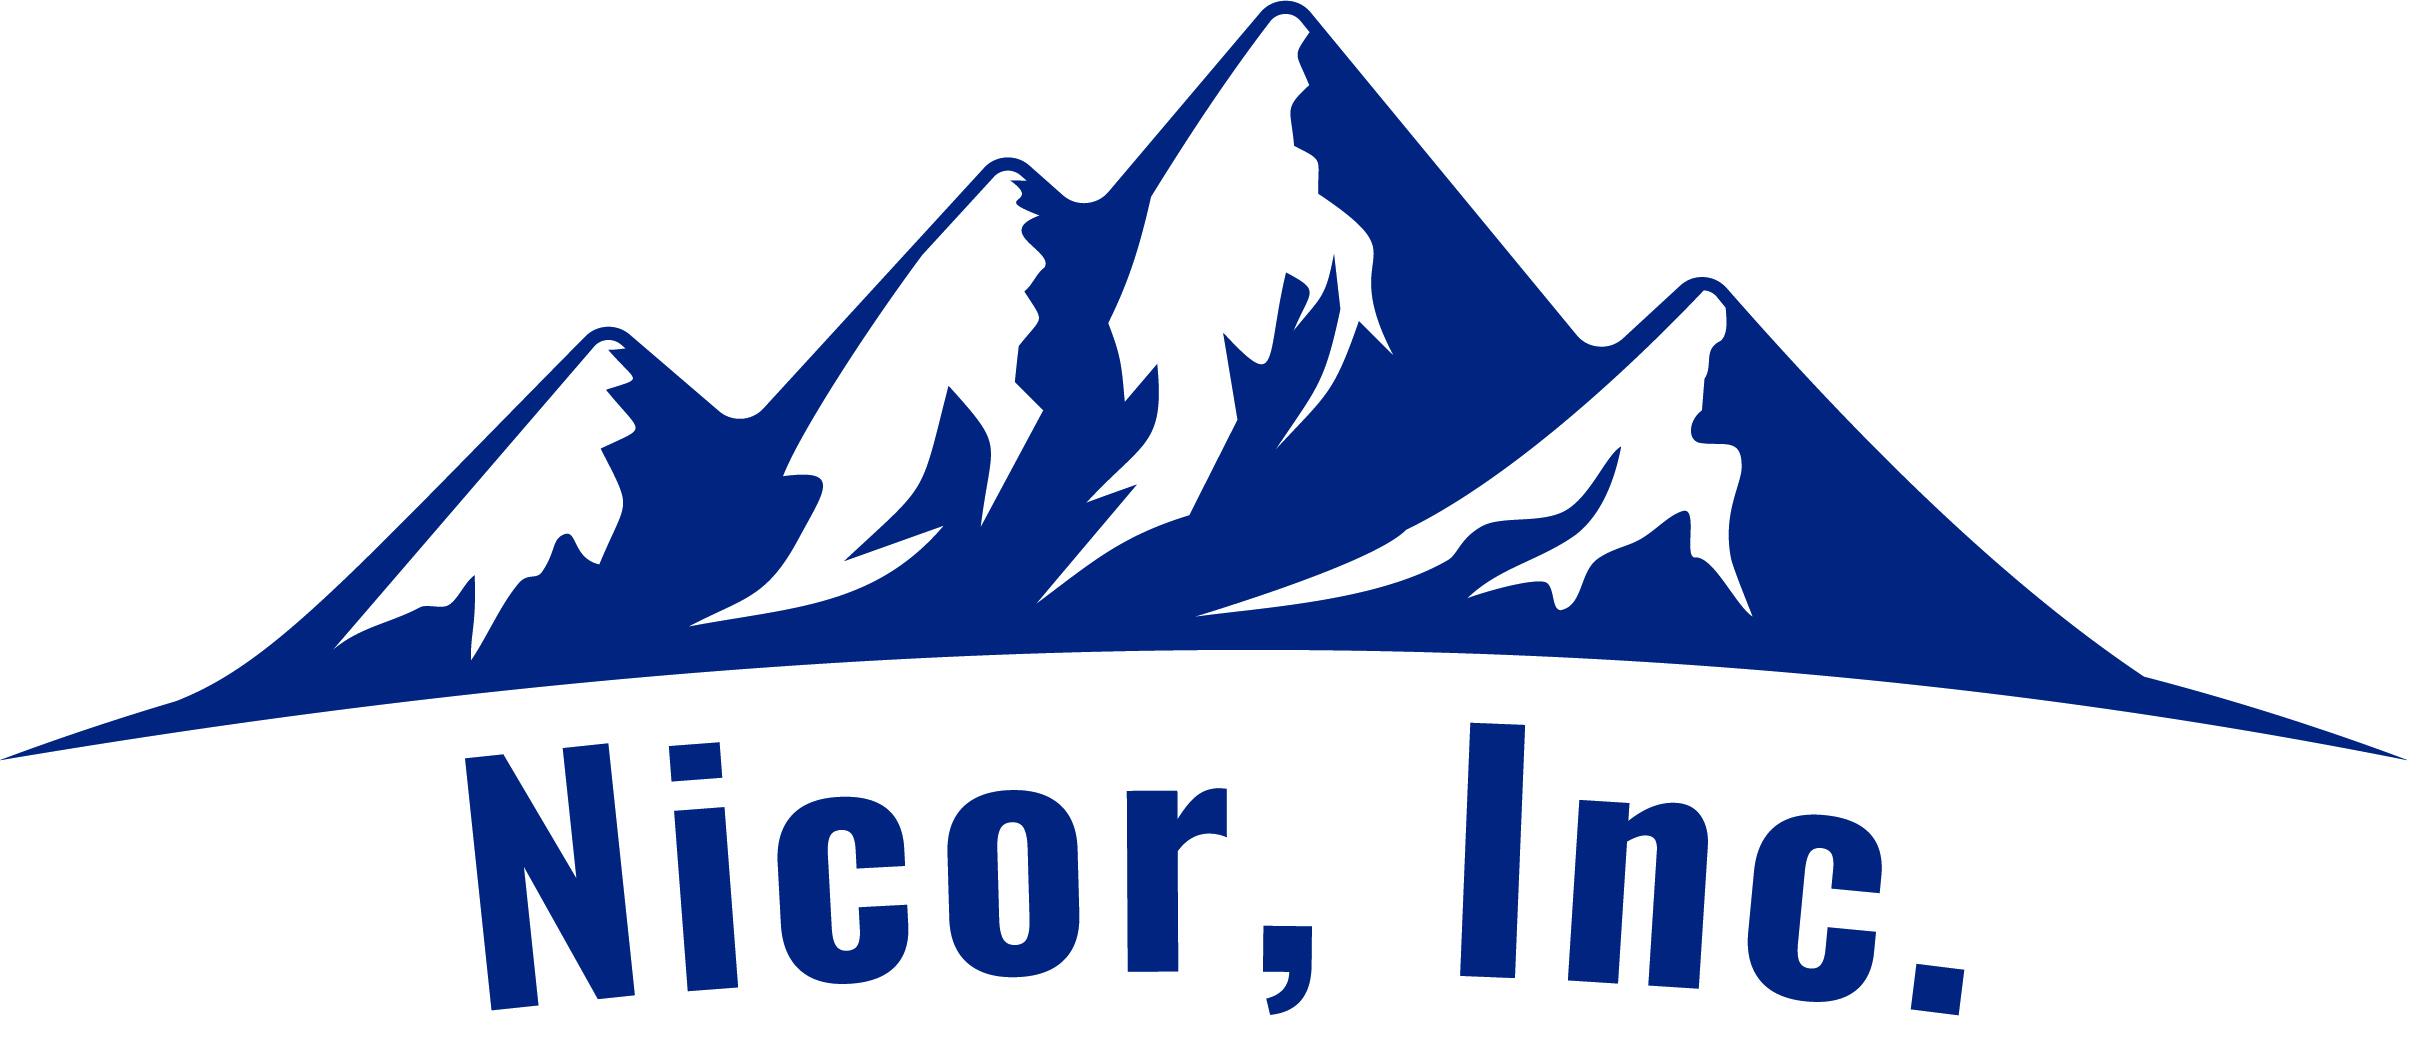 Nicor, Inc.